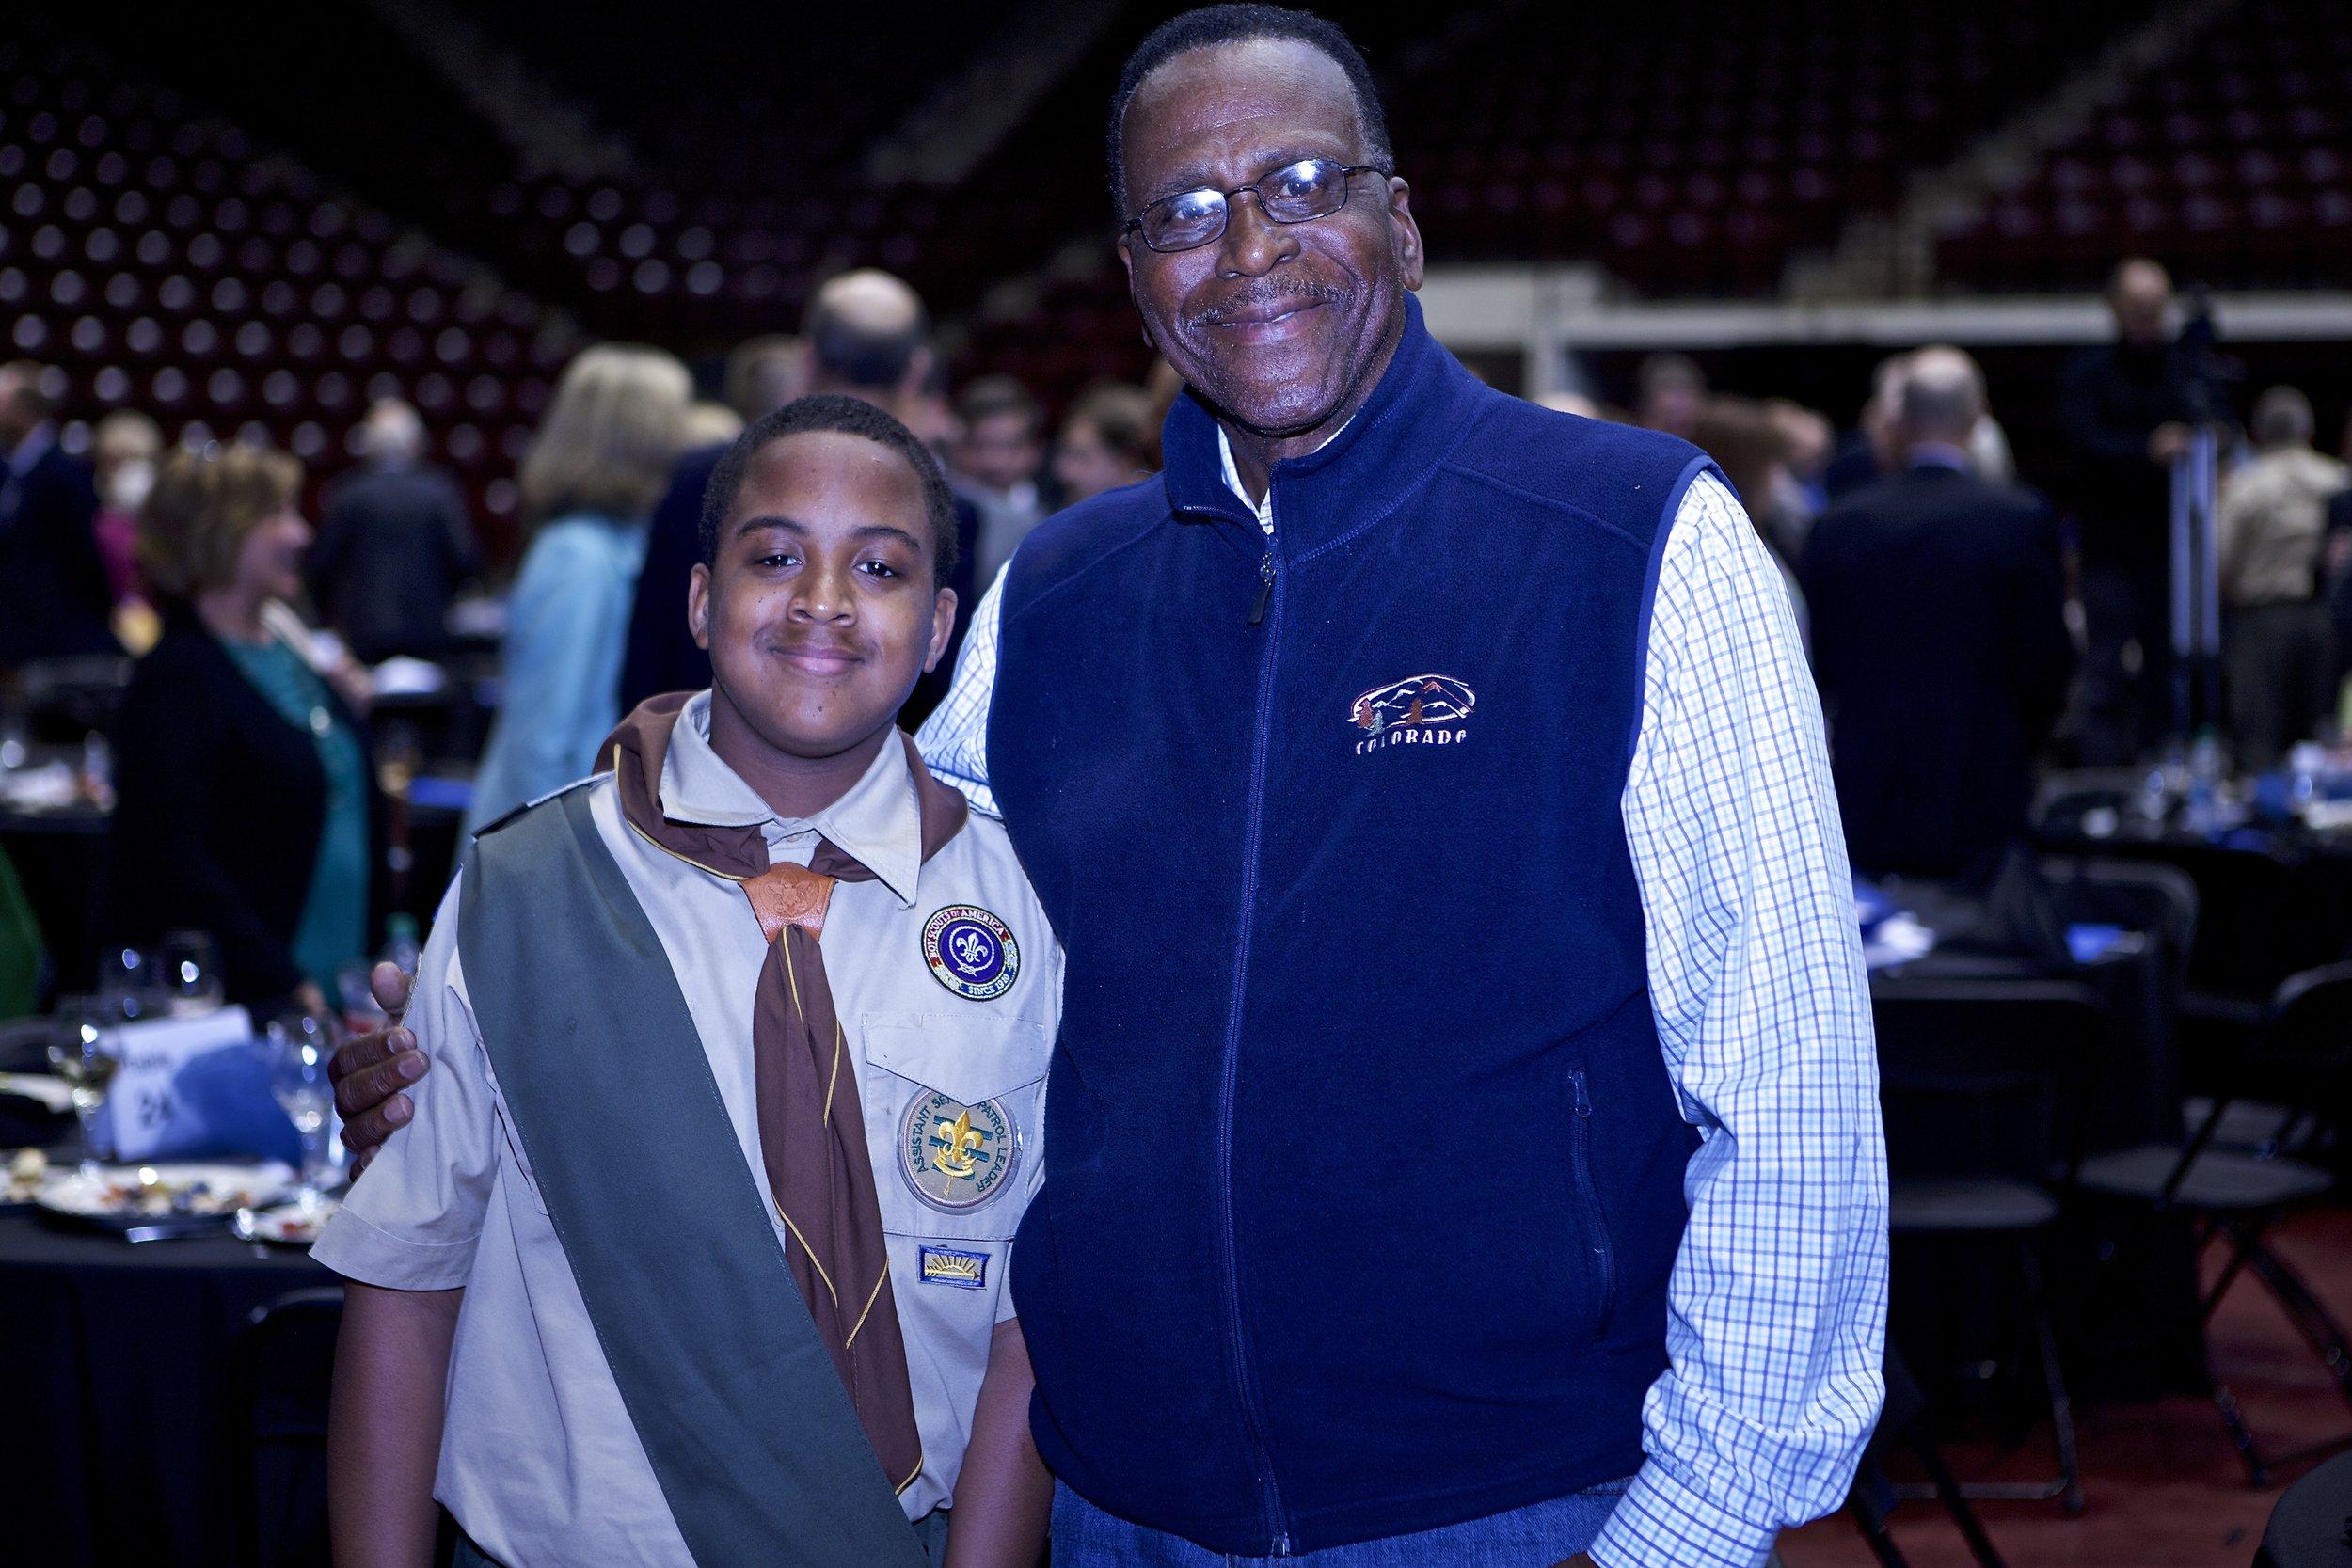 Boy Scouts_192.jpg